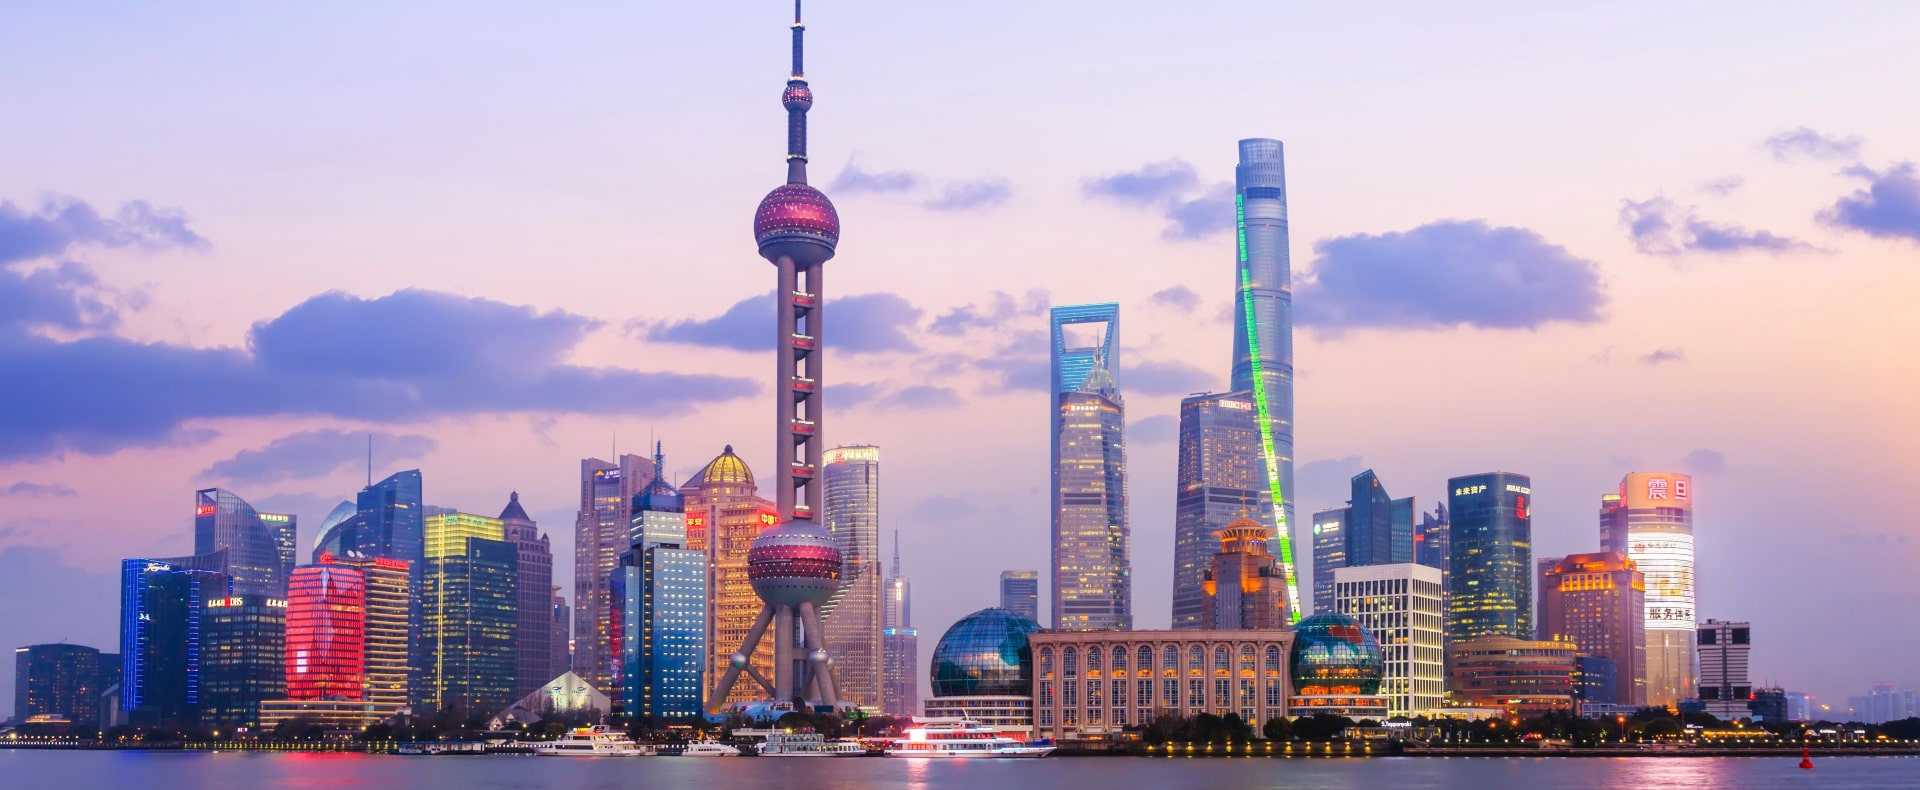 Shanghai, China Gallery